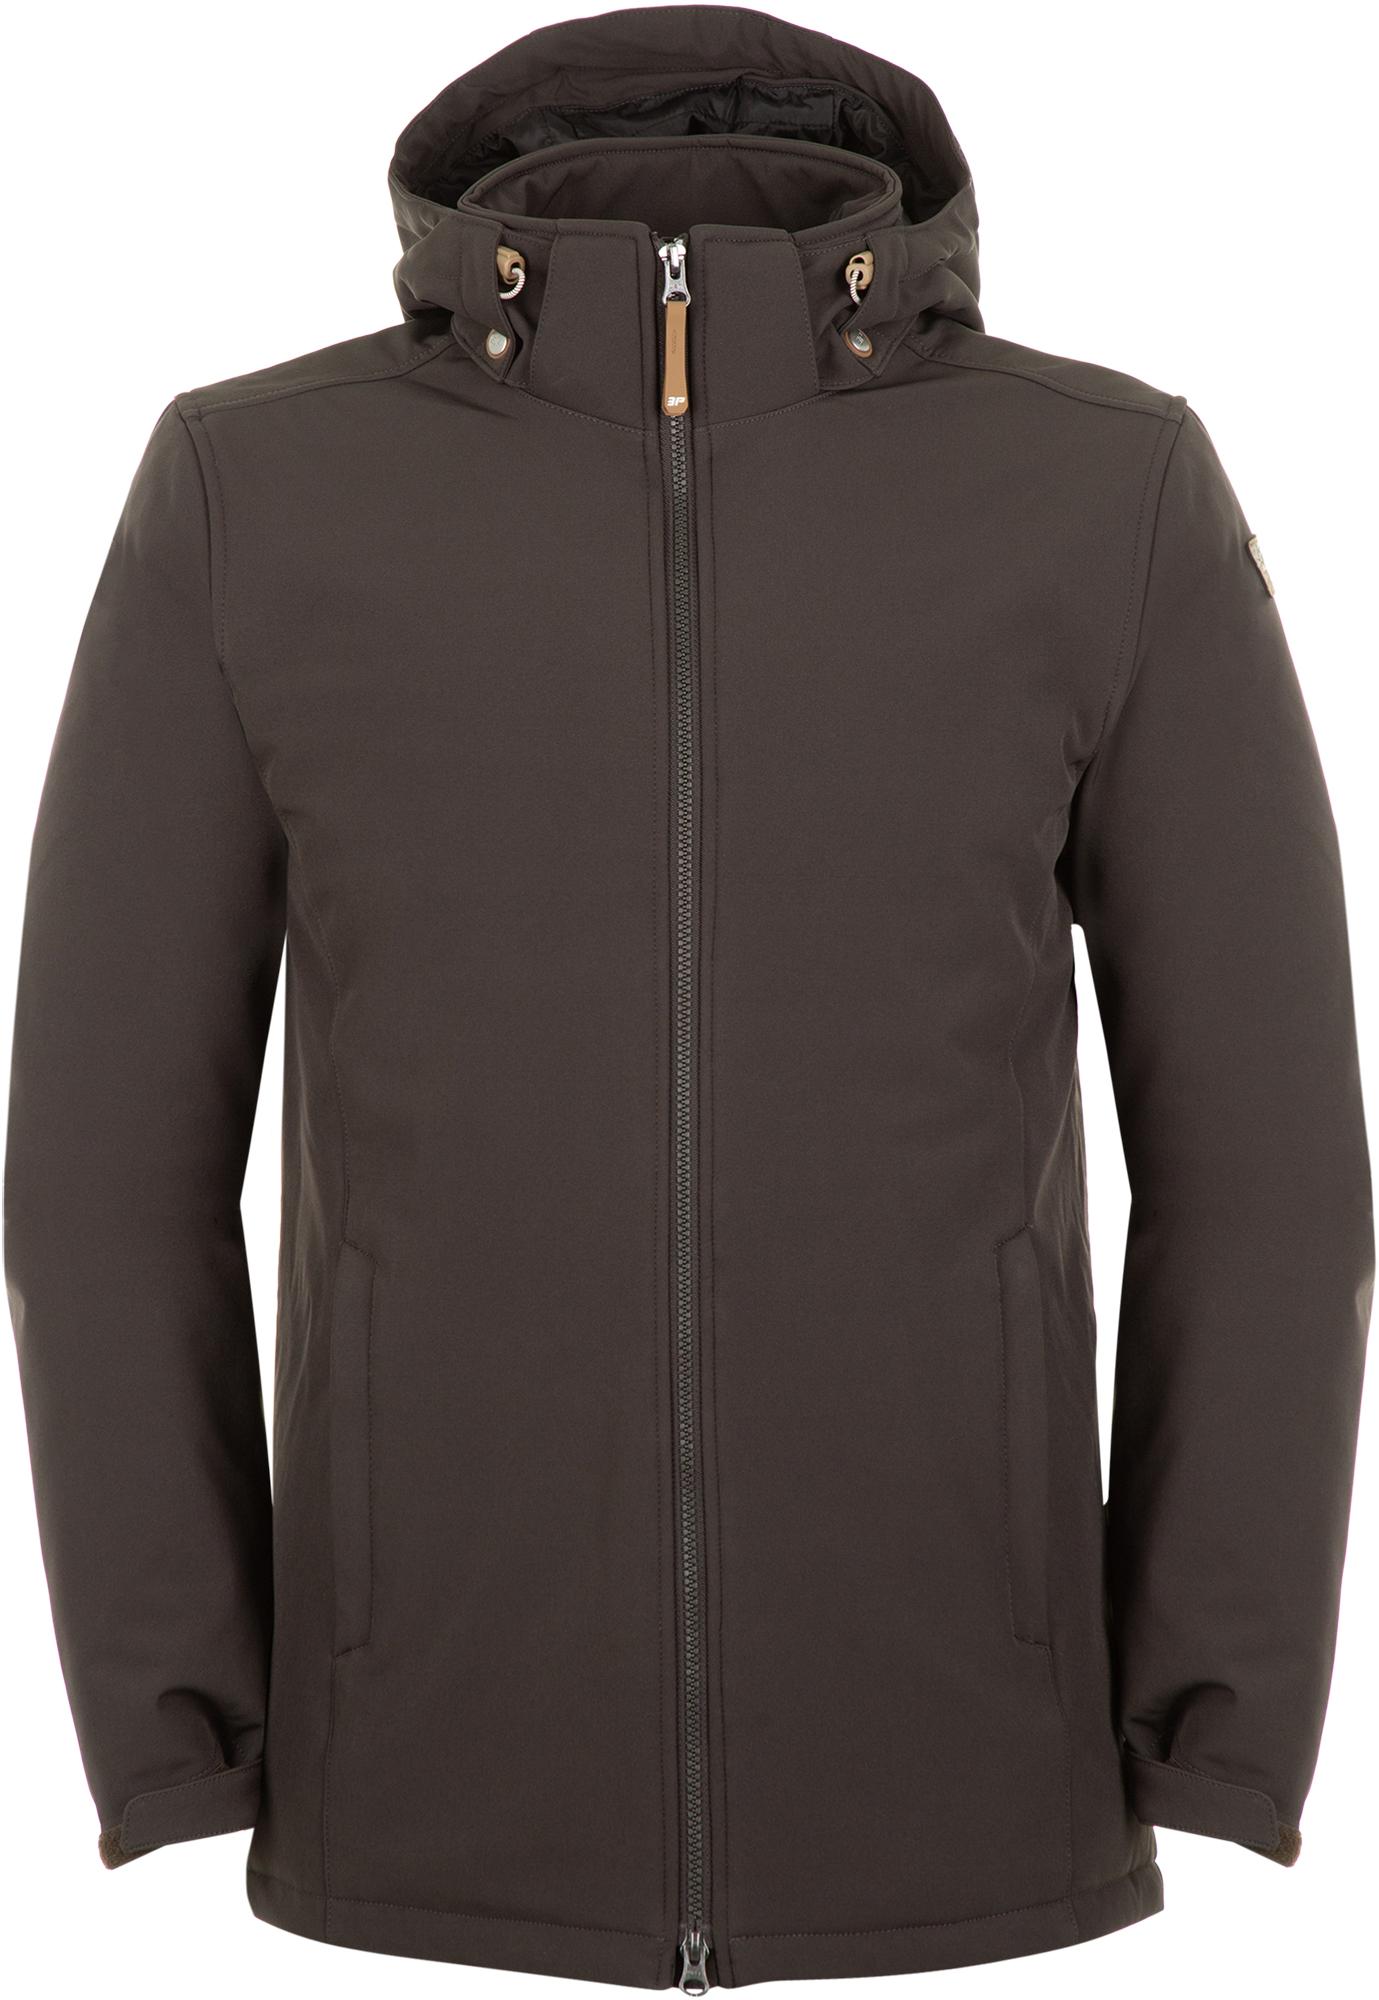 цена IcePeak Куртка утепленная мужская IcePeak Pineland, размер 54 онлайн в 2017 году